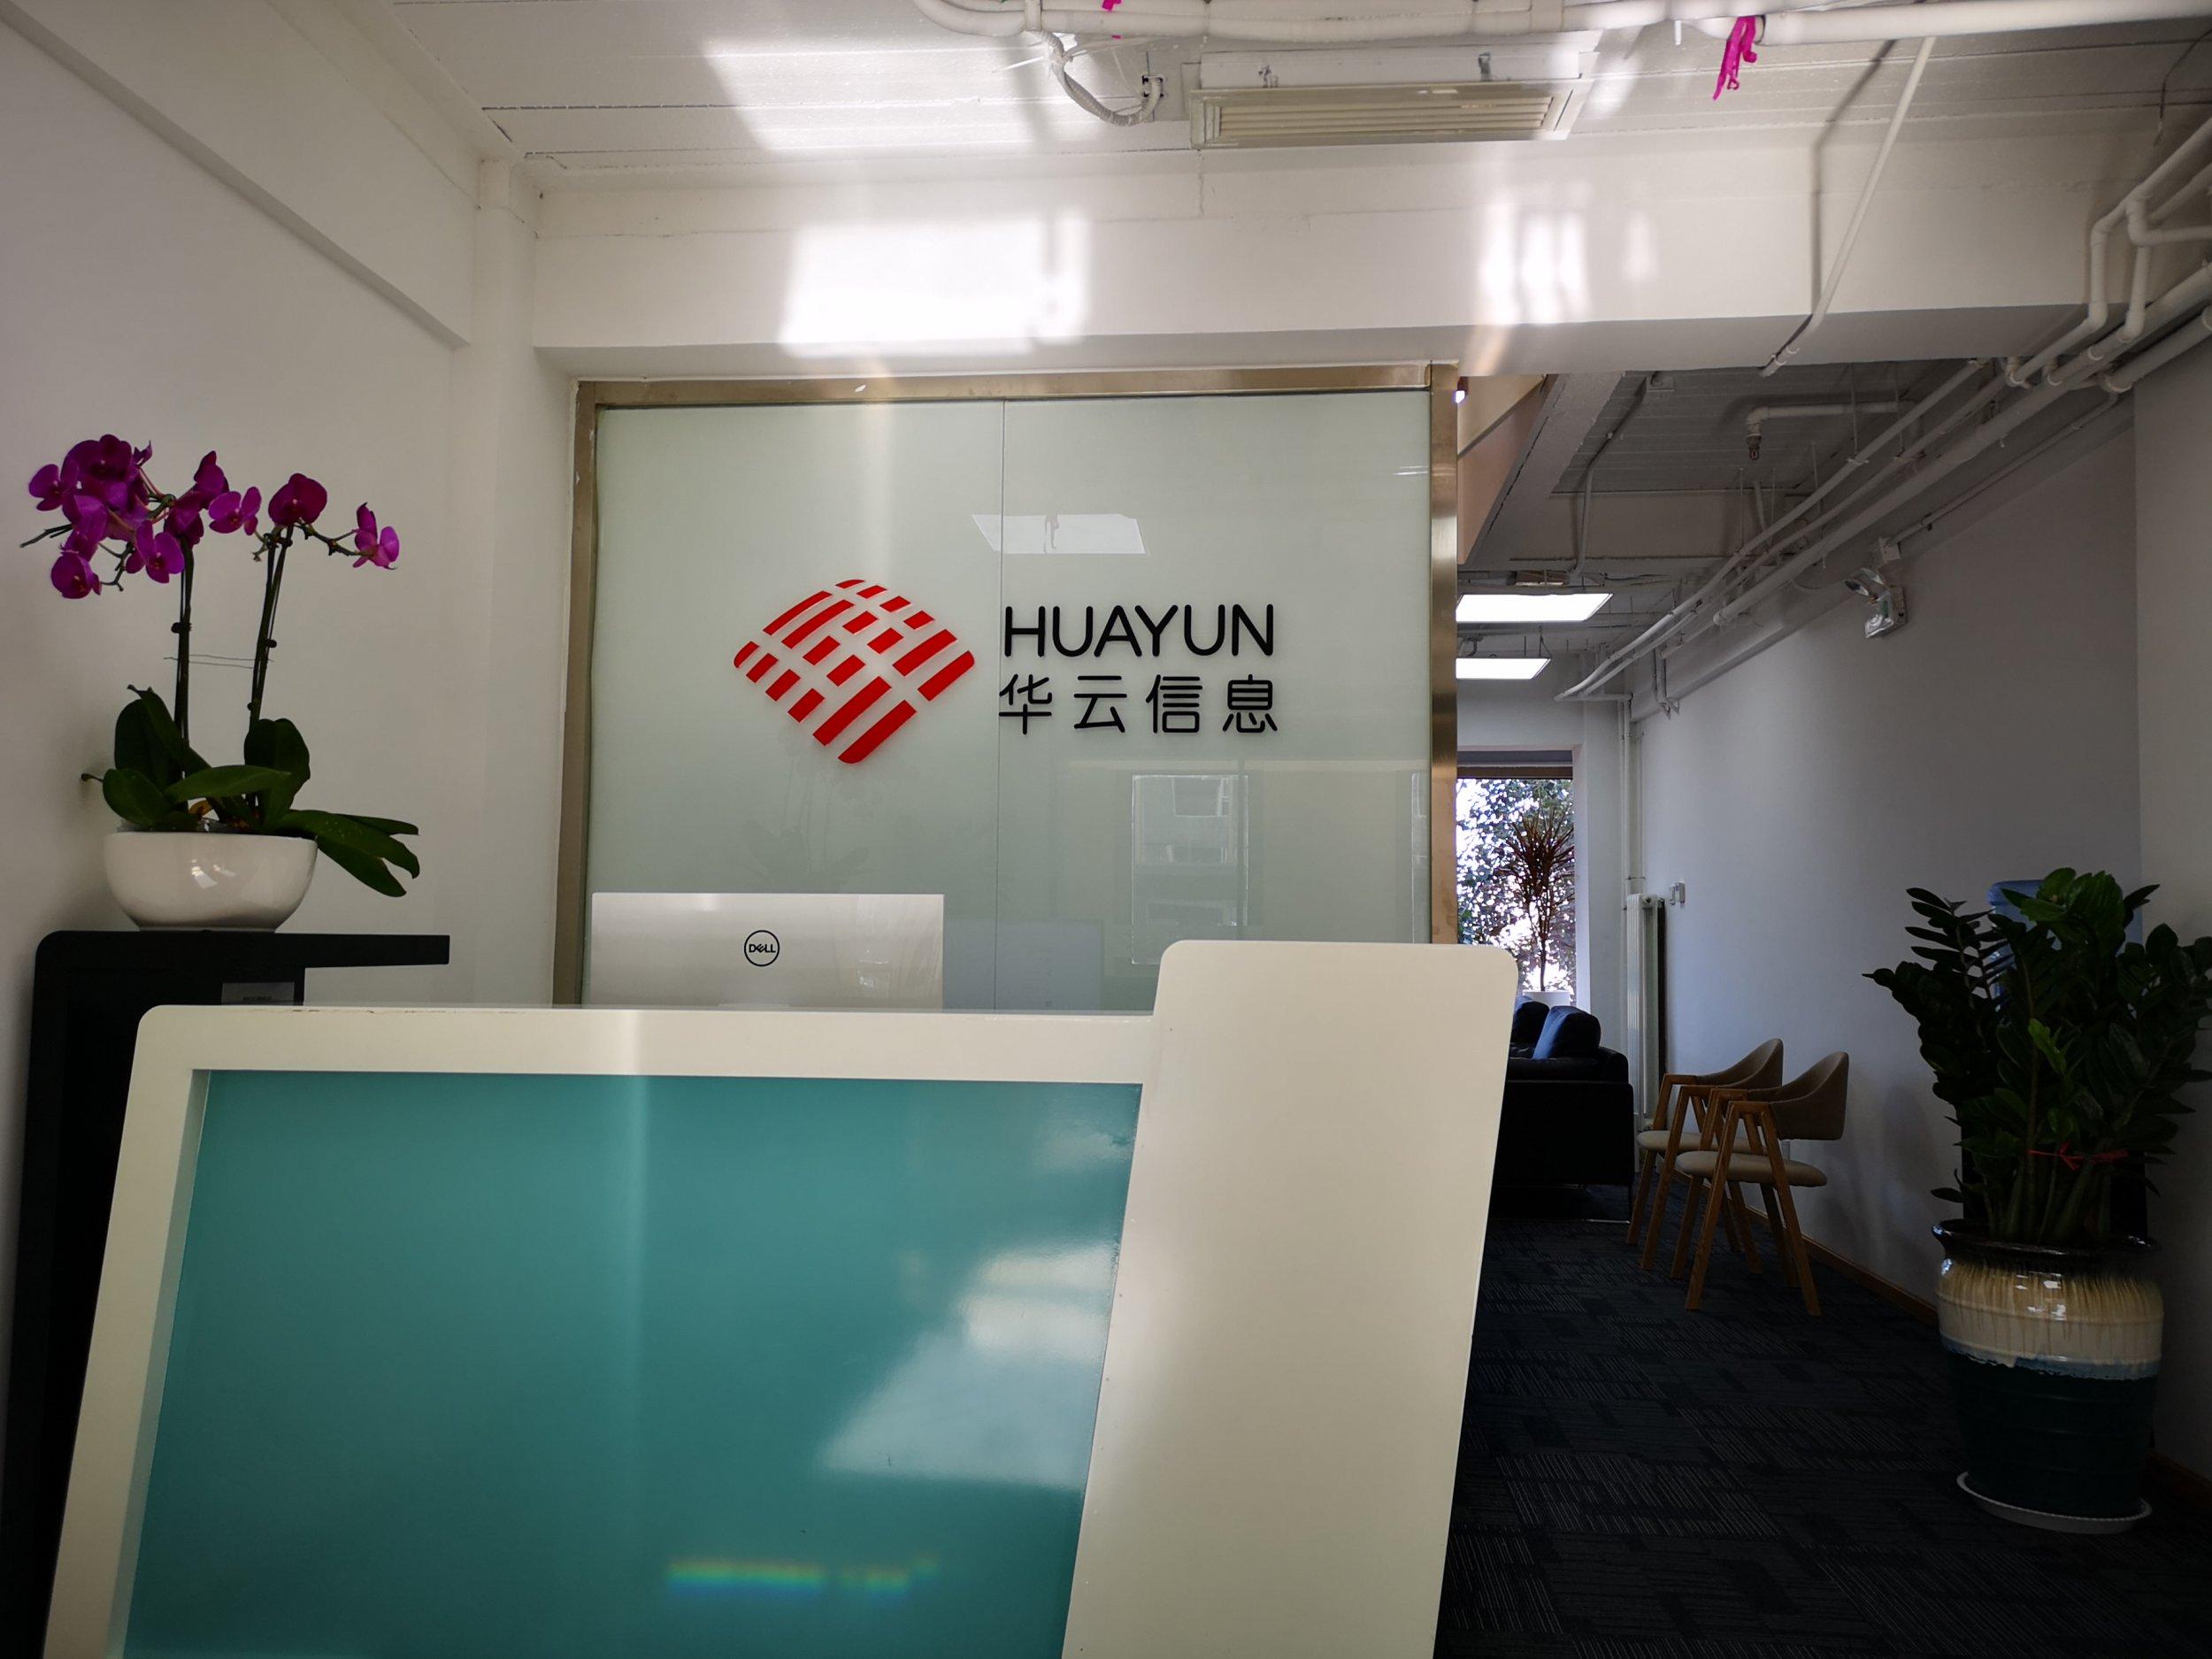 热烈庆祝华云信息北京分公司盛大...